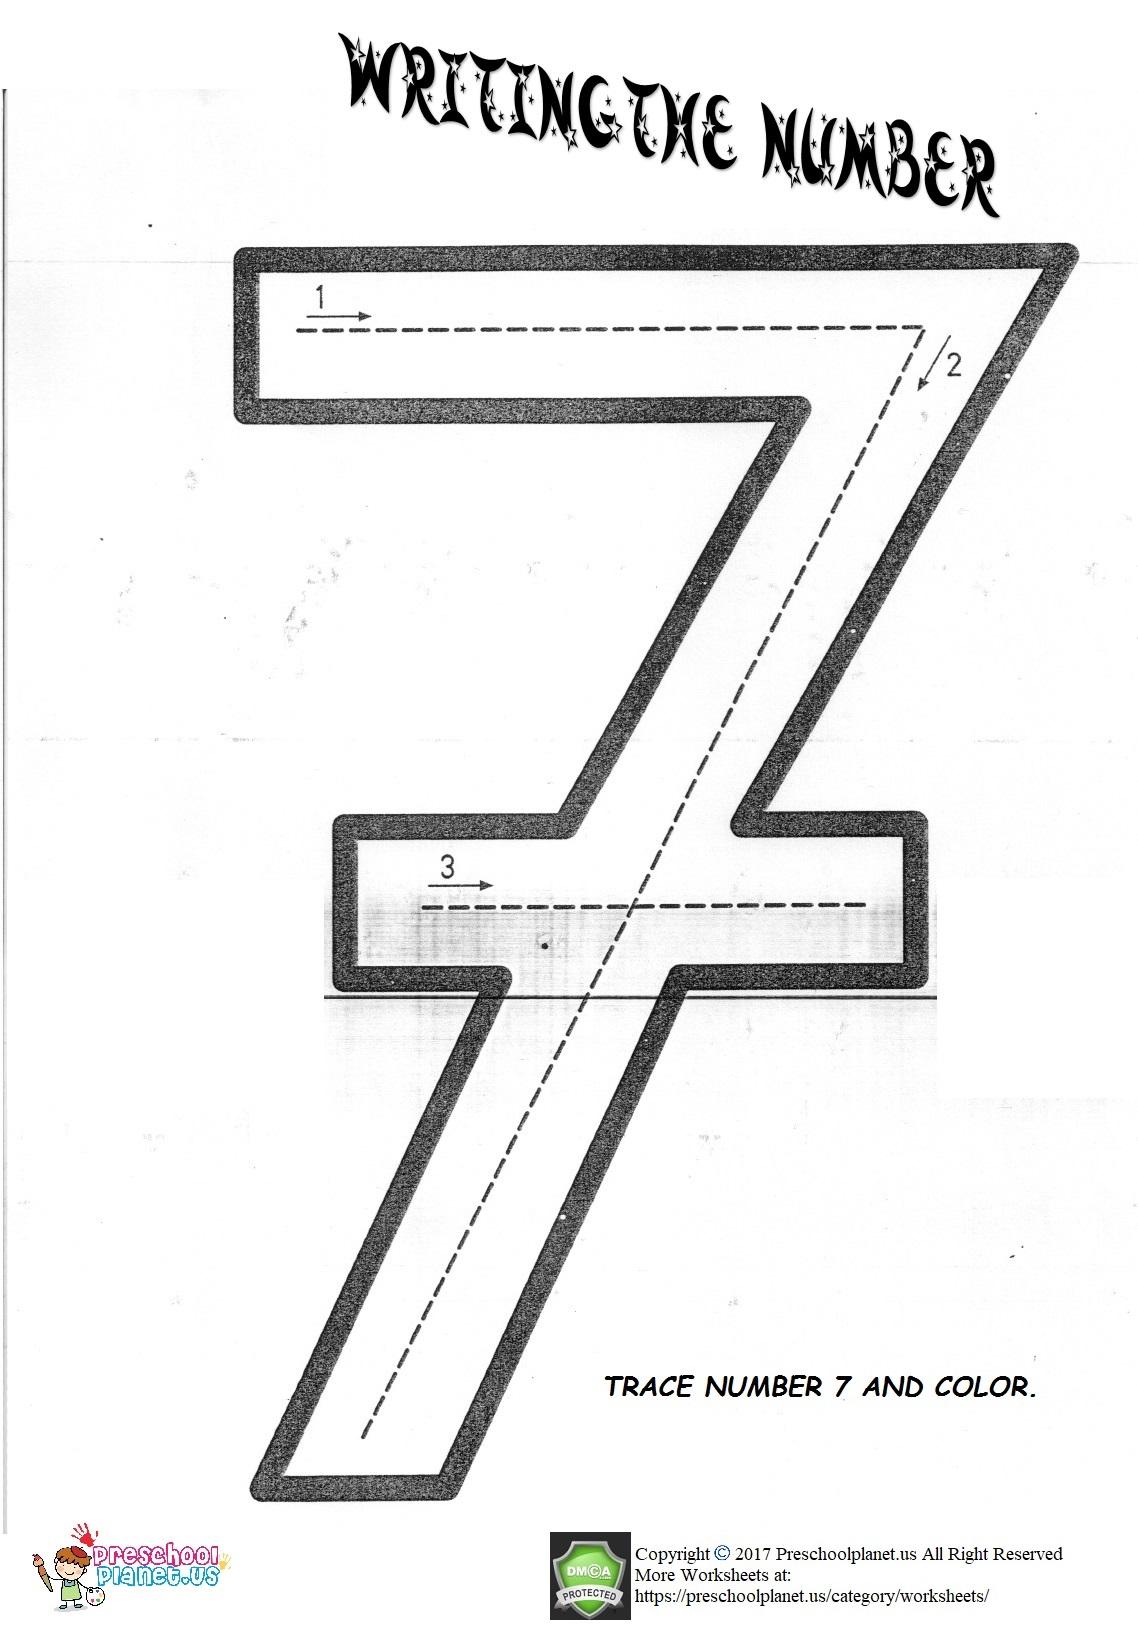 Number 7 Worksheet Preschoolplanet